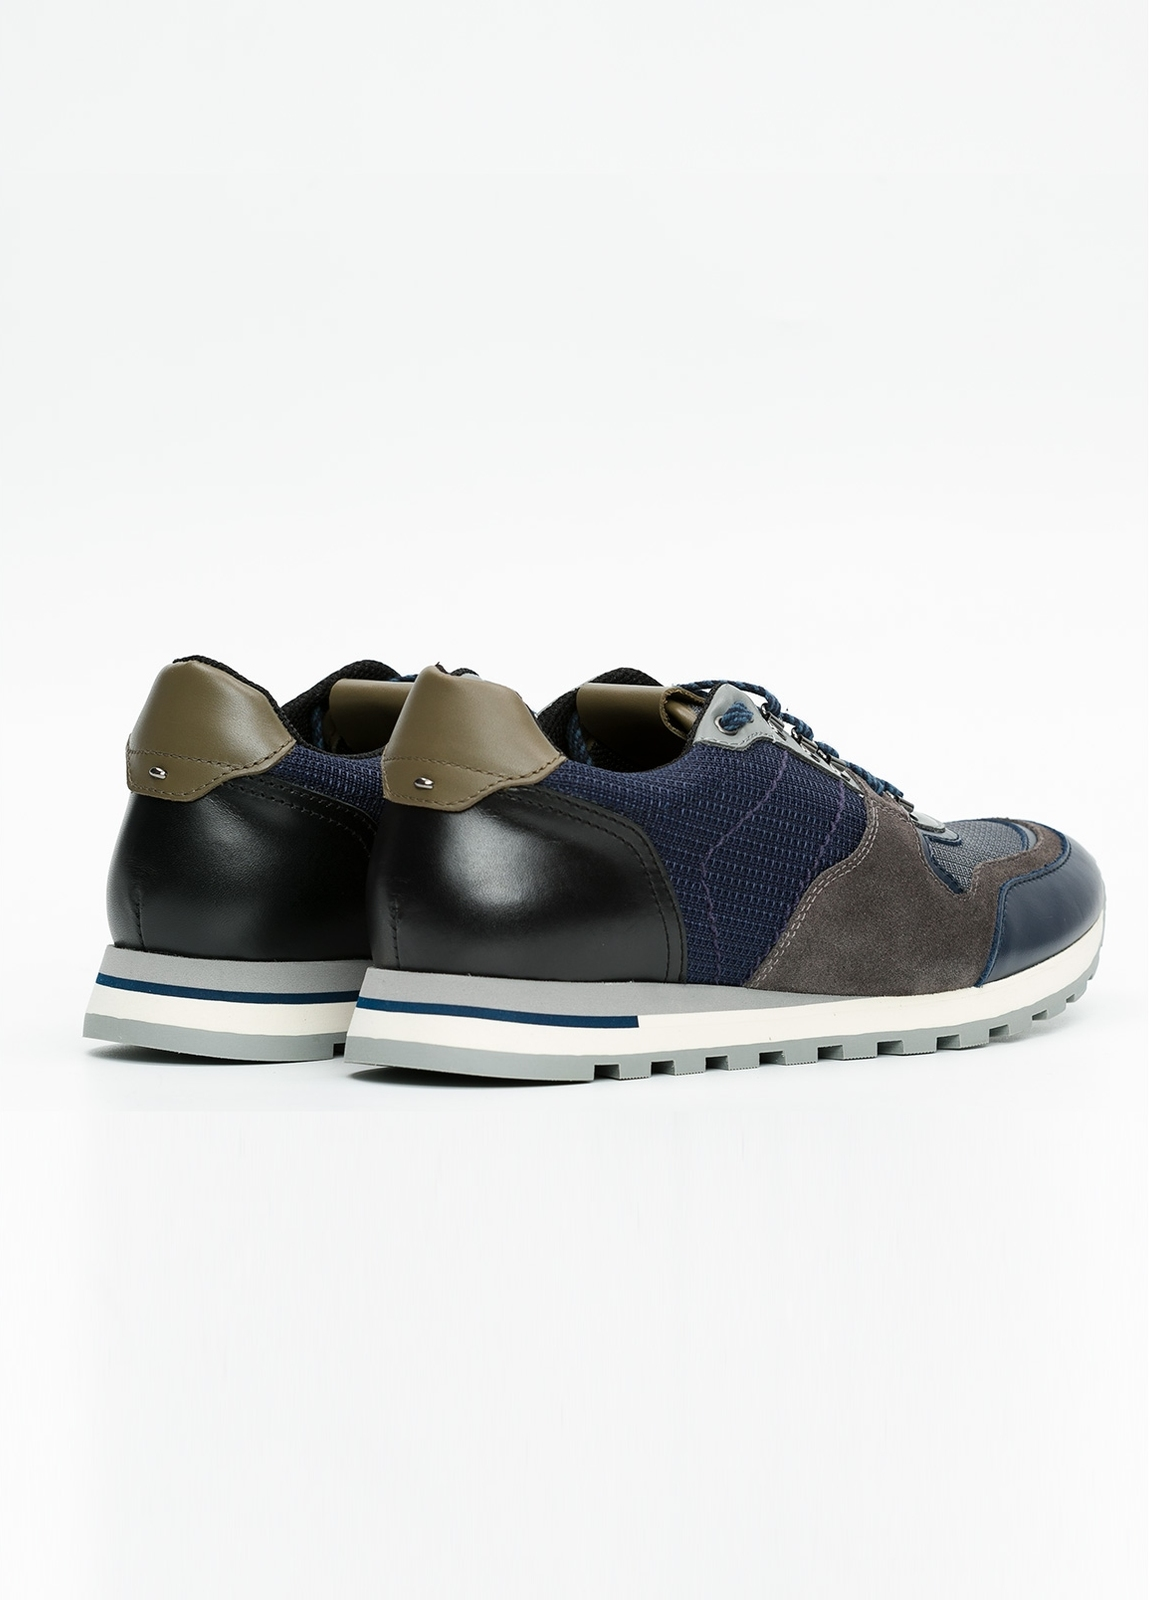 Zapato Sport Wear, color marrón, azul y negro. Combinación de piel, serraje y tejido técnico. - Ítem4